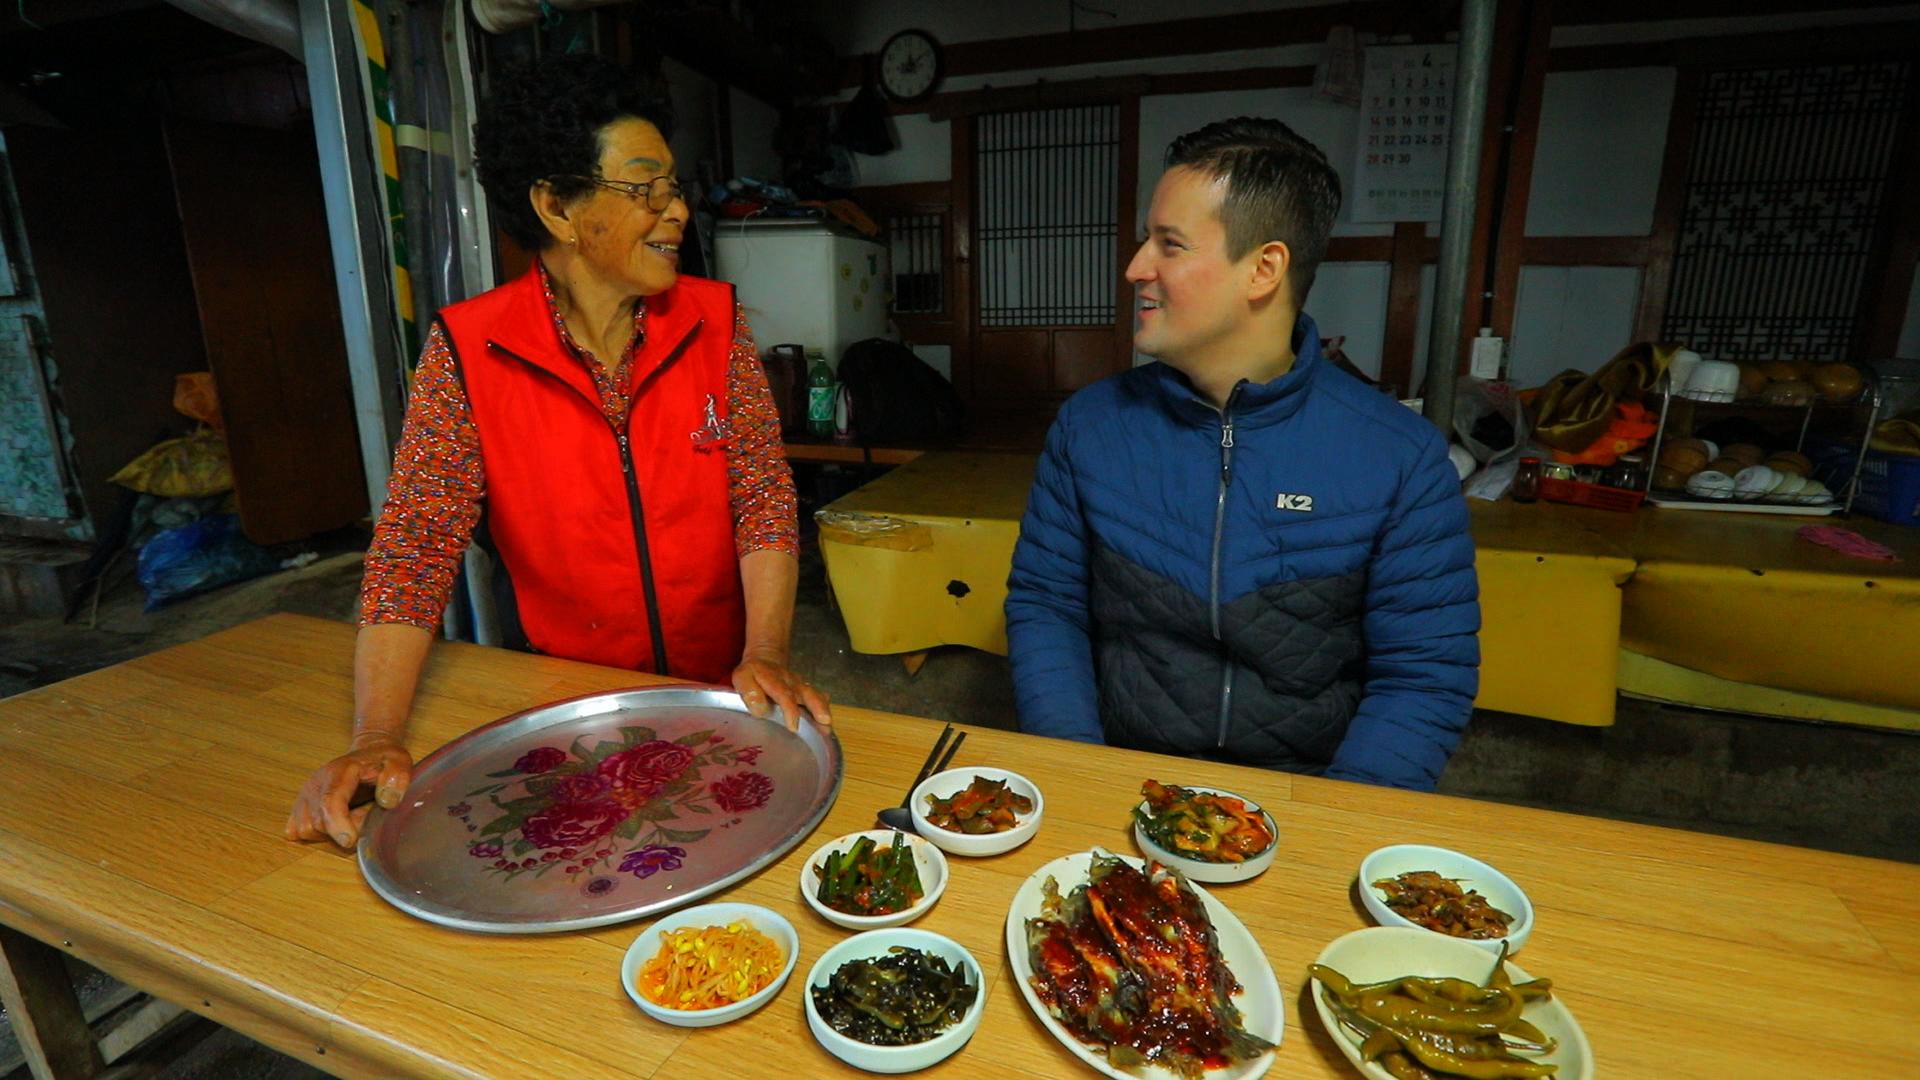 한국기행 - 섬마을 밥집 2부 그 섬에서 뭐 먹지?